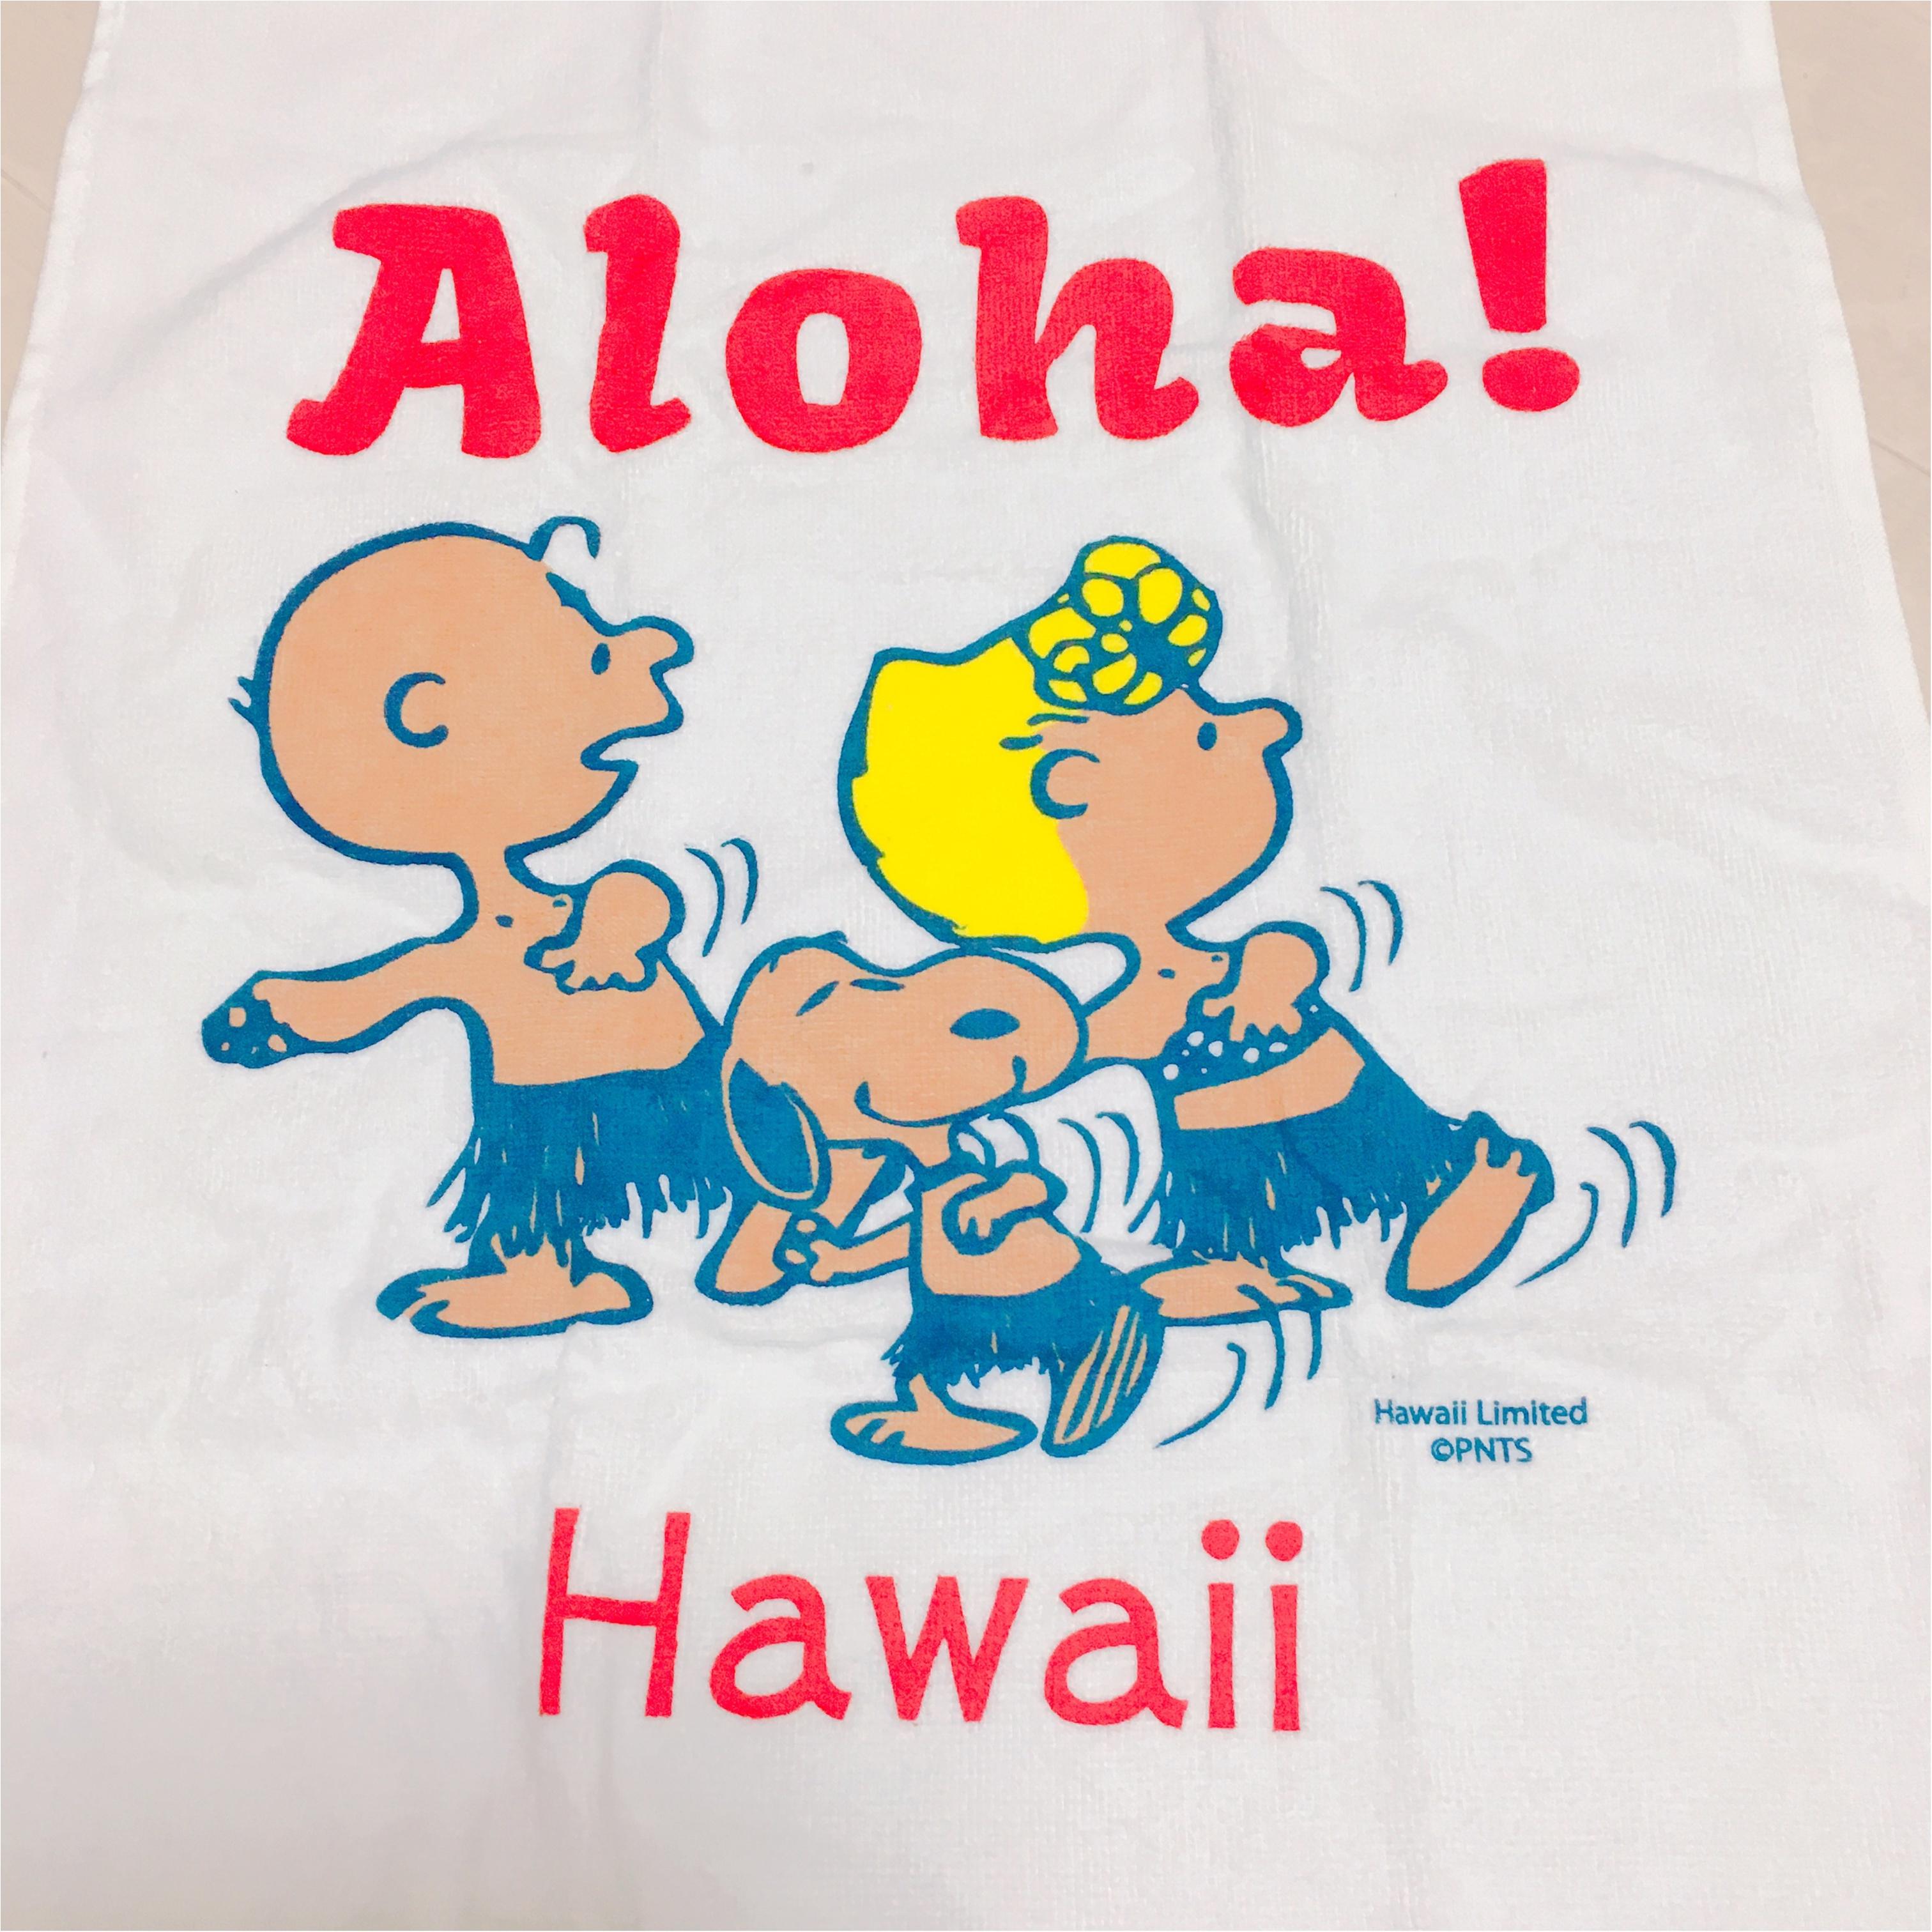 《スヌーピーまで日焼けしちゃった♡》ハワイ限定スヌーピーと日本でゲットする方法♡_3